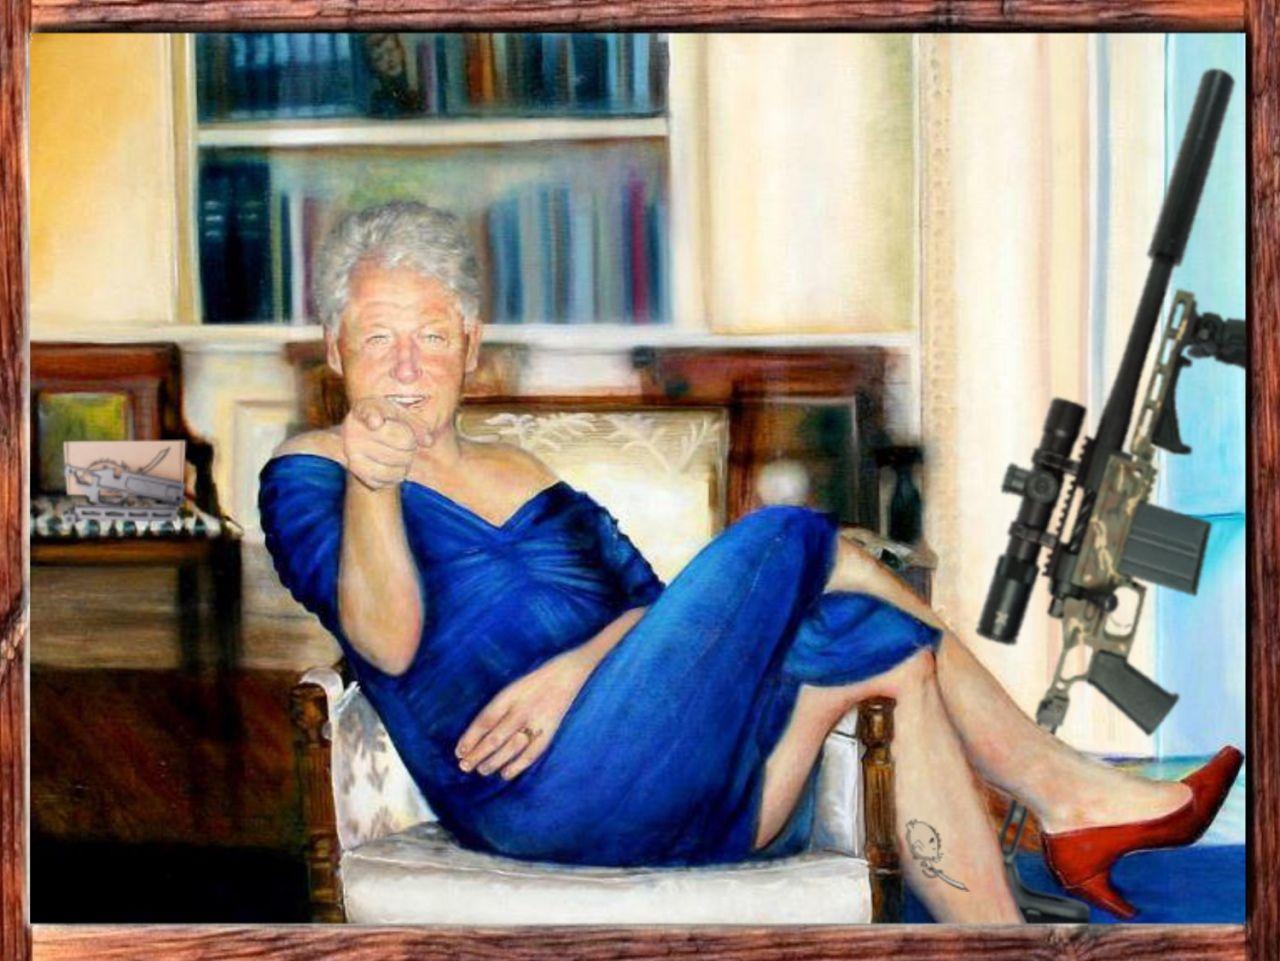 Black Collar Arms Clinton's Pork Sword